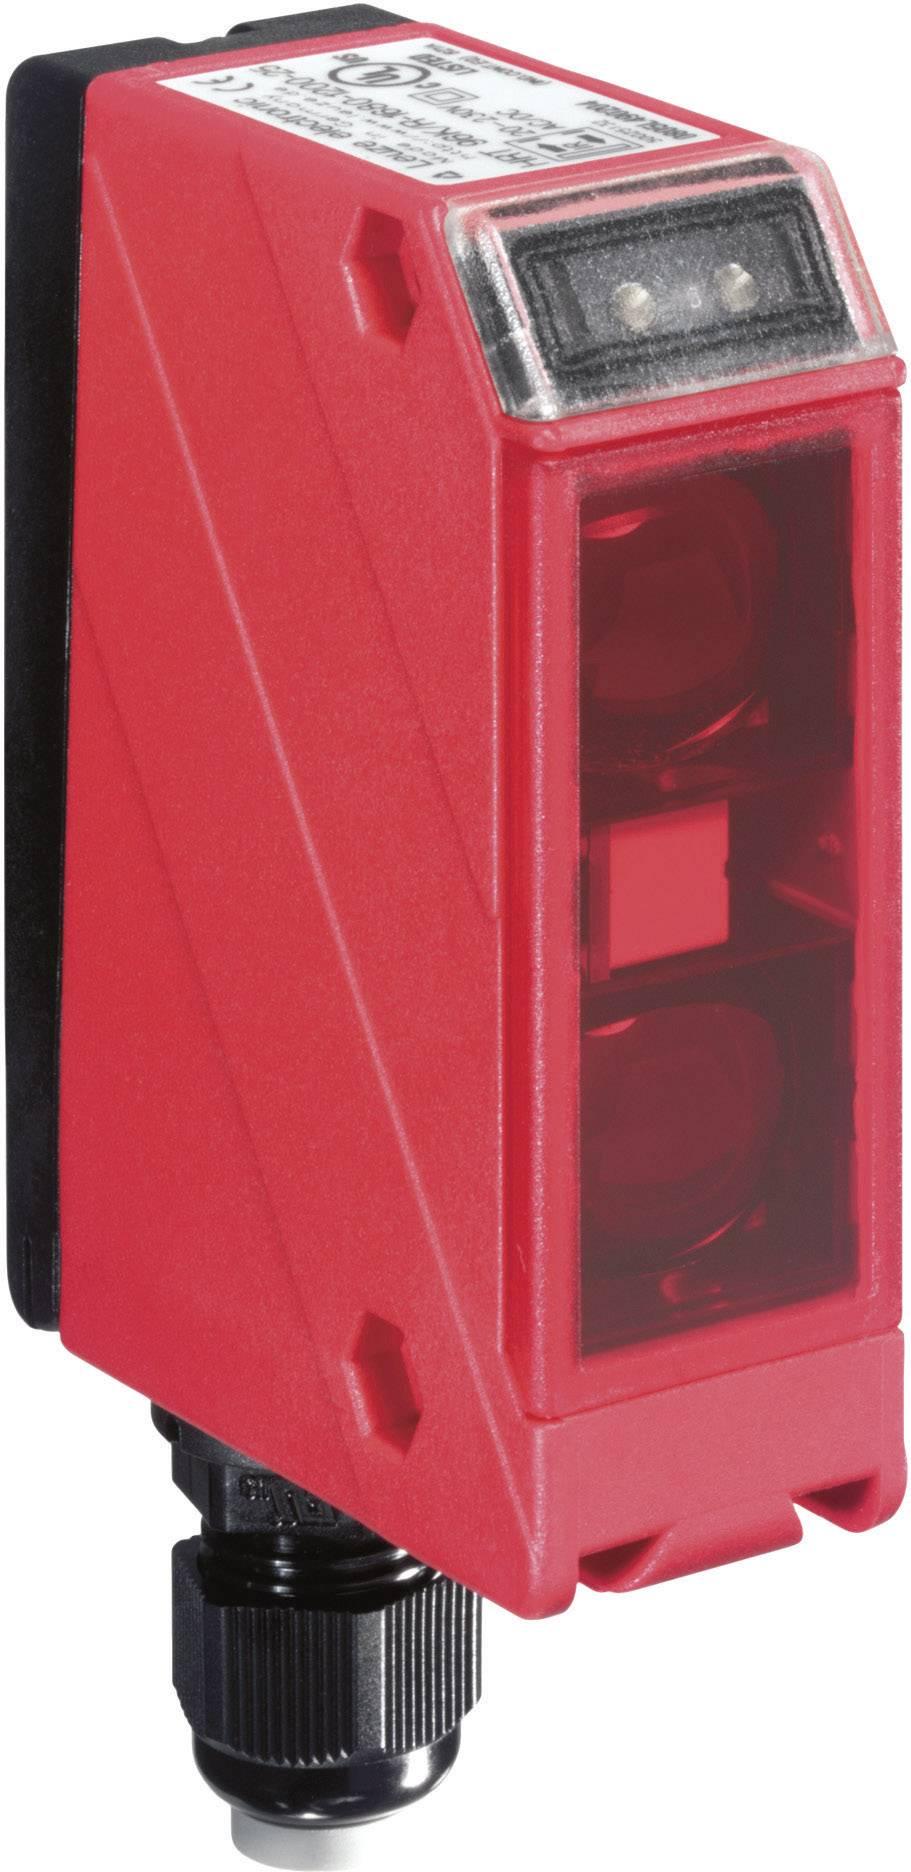 Jednocestná optická závora série 96 Leuze Electronic LSE 96 K/R-1310-25, prijímač,dosah 65m